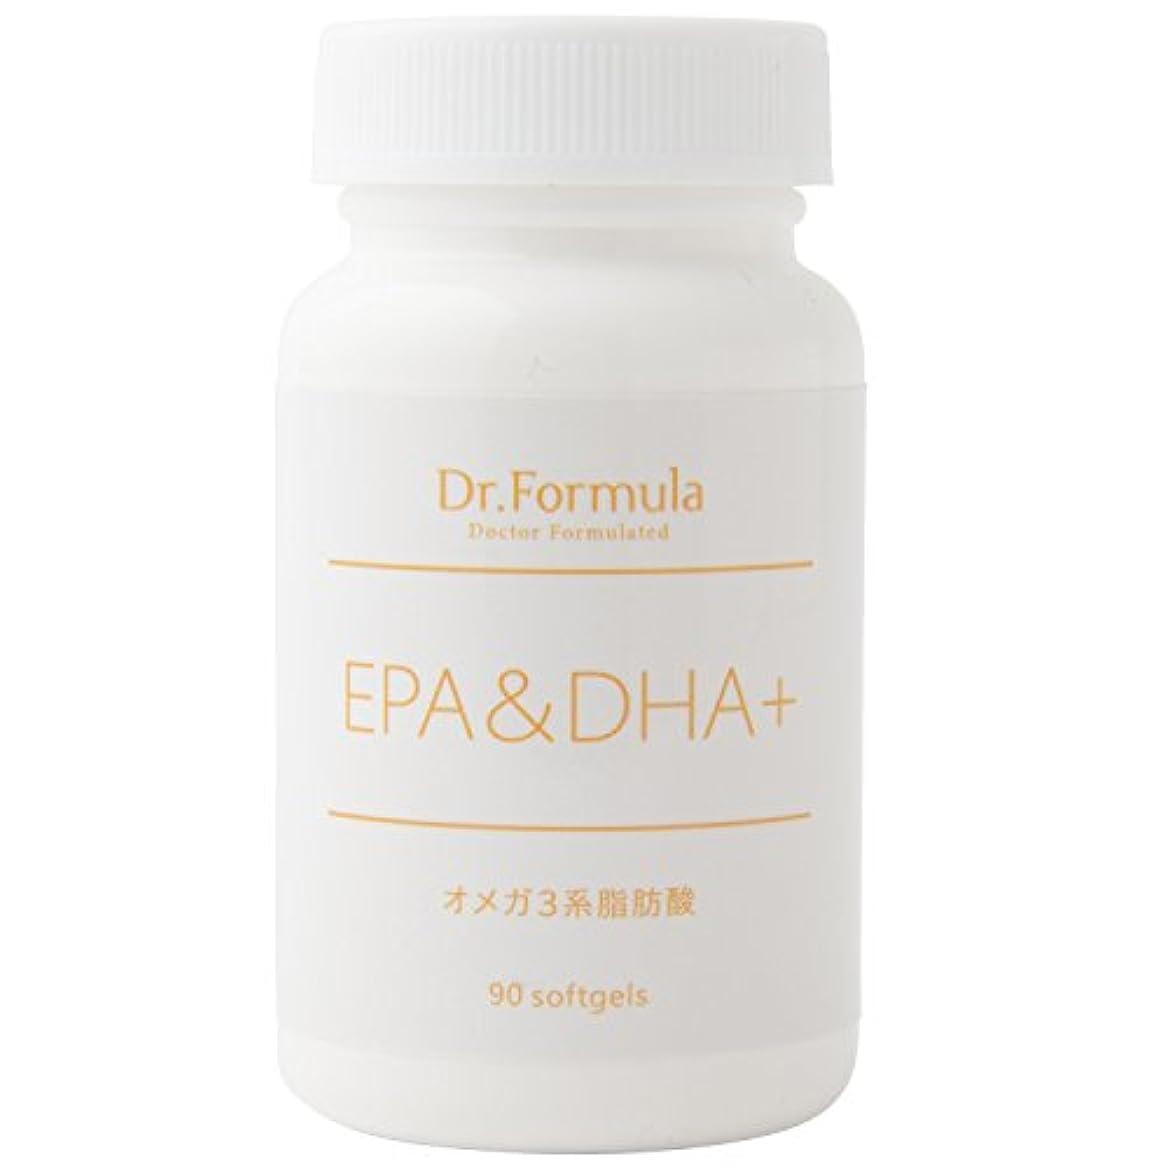 パントリーフレア証人Dr.Formula EPA&DHA+(オメガ 3系脂肪酸) 30日分 90粒 日本製 OMEGA3